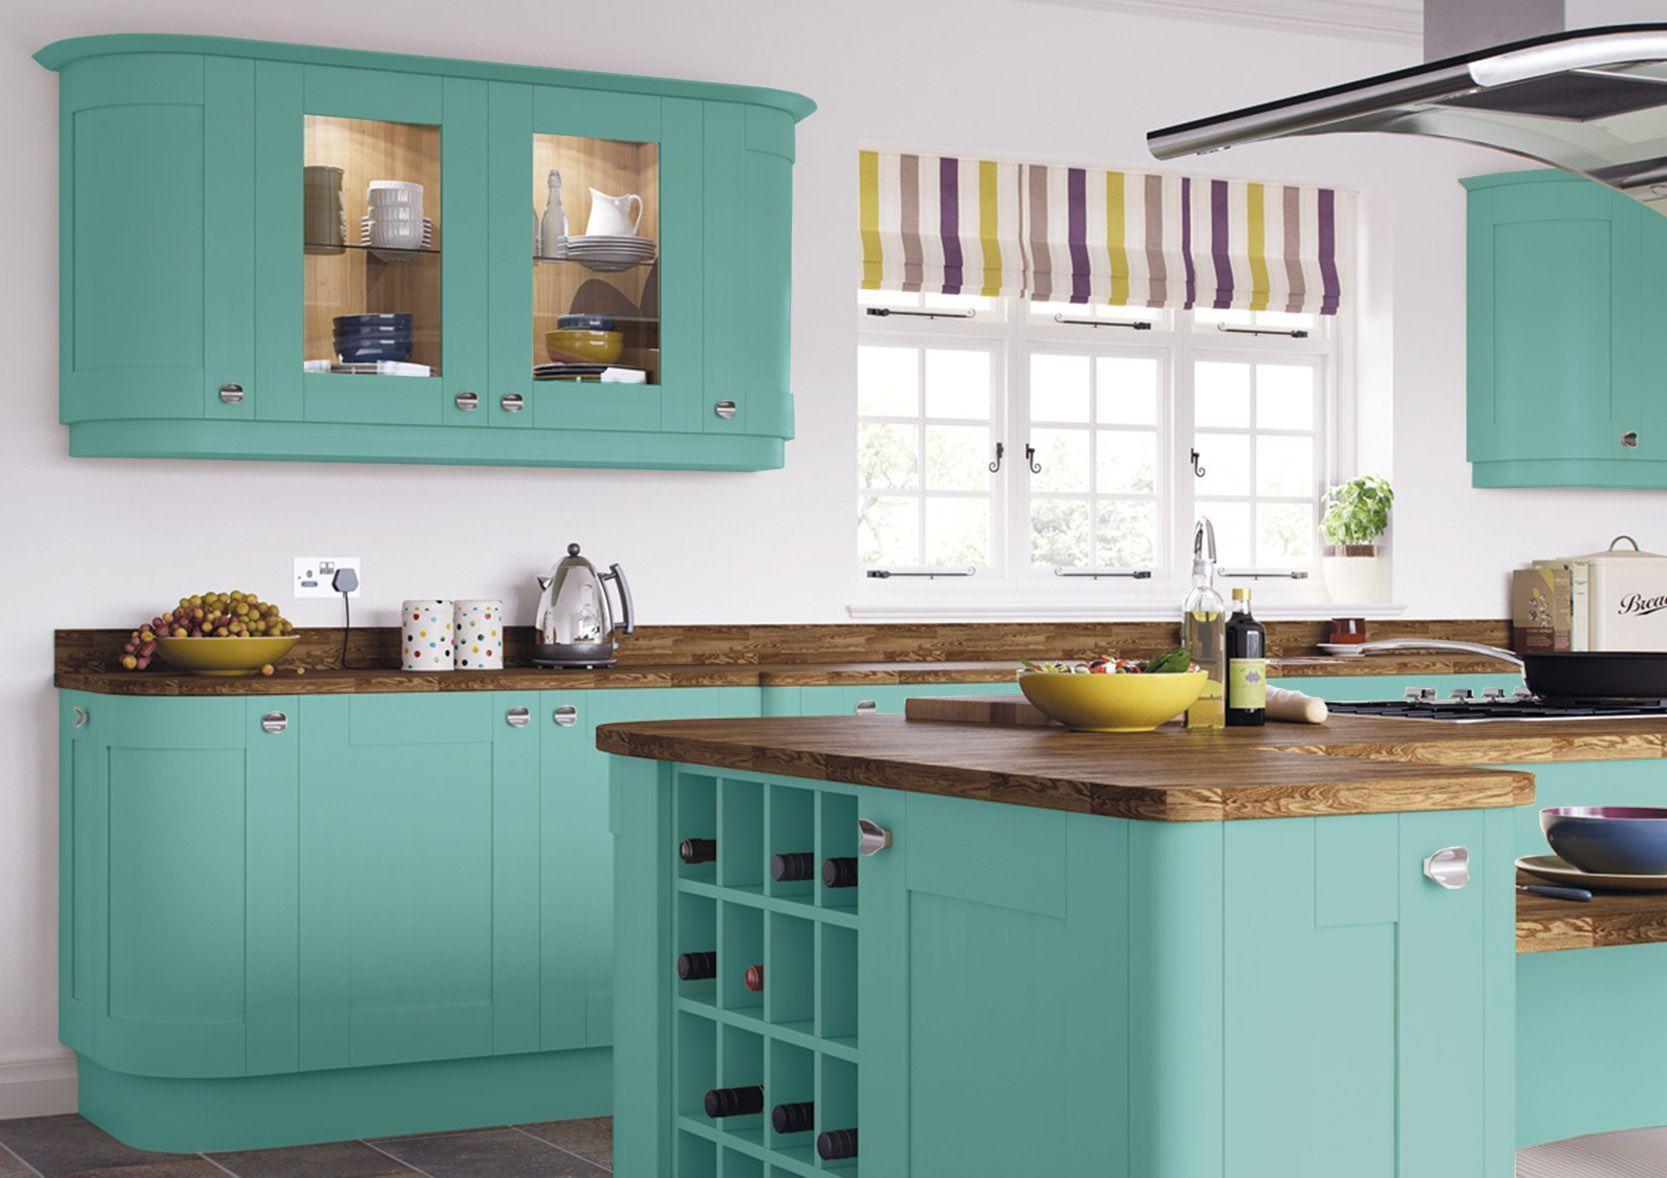 Ballroom Blue Roma Shaker Painted Kitchen Cupboard Doors At Kitchen Warehouse Uk Fast Uk Delivery Bro Green Country Kitchen Green Kitchen Green Kitchen Decor